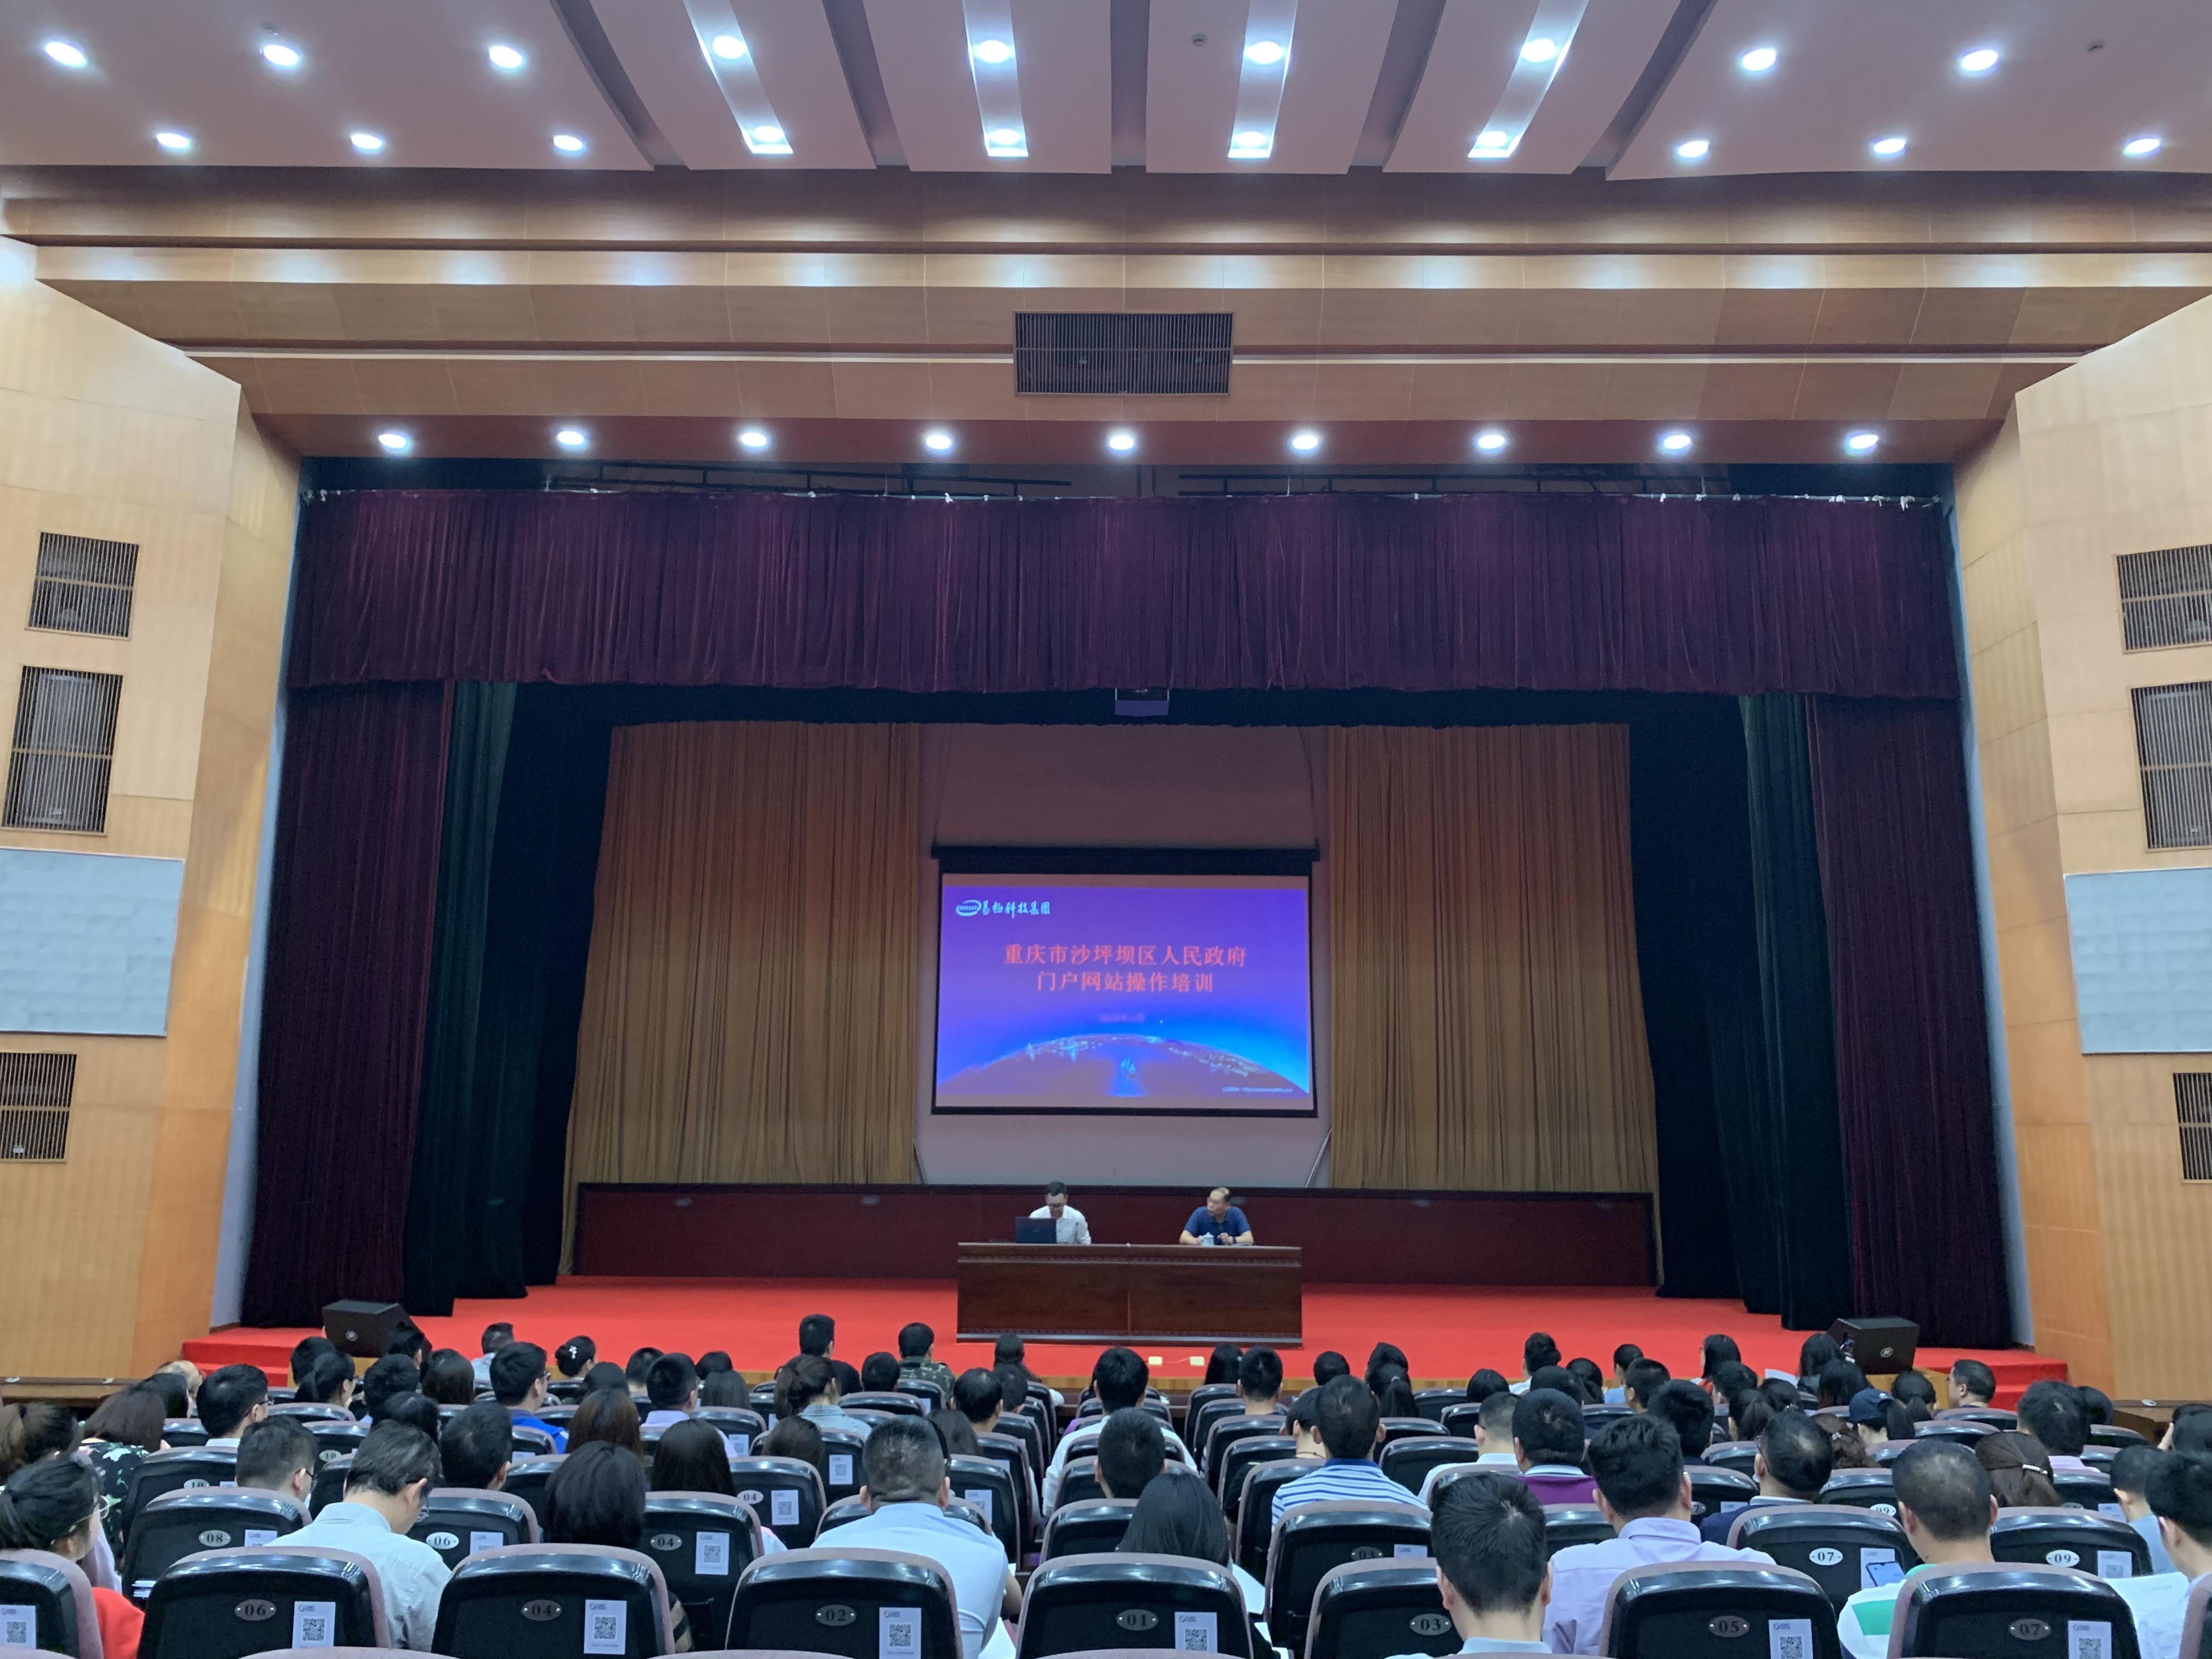 重庆市沙坪坝区人民政府门户网站集群顺利上线